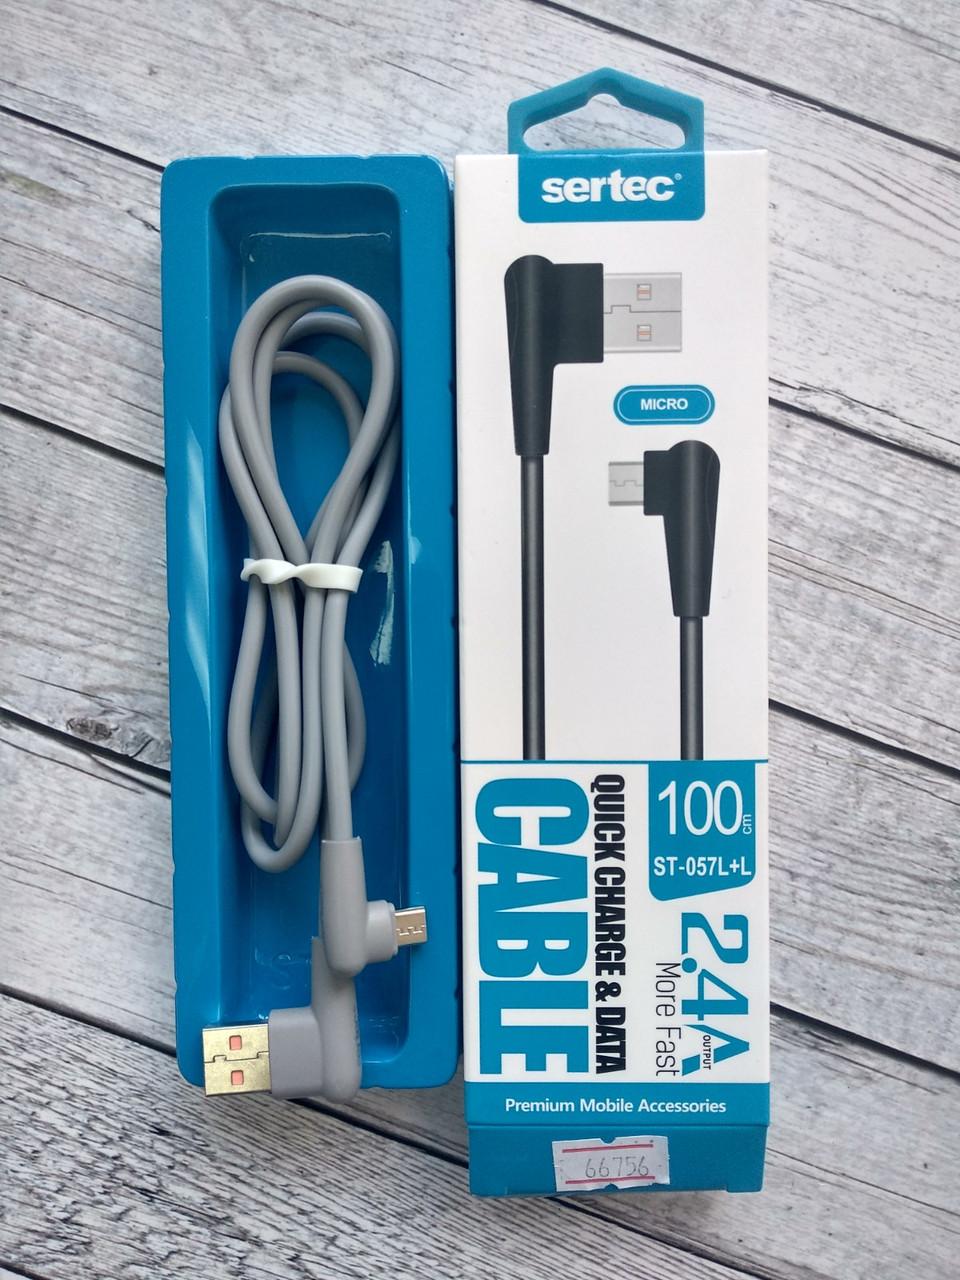 Кабель Usb-cable Micro USB Sertec ST-057L+L 2.4A 1m (Г-образный коннектор, круглый) Grey